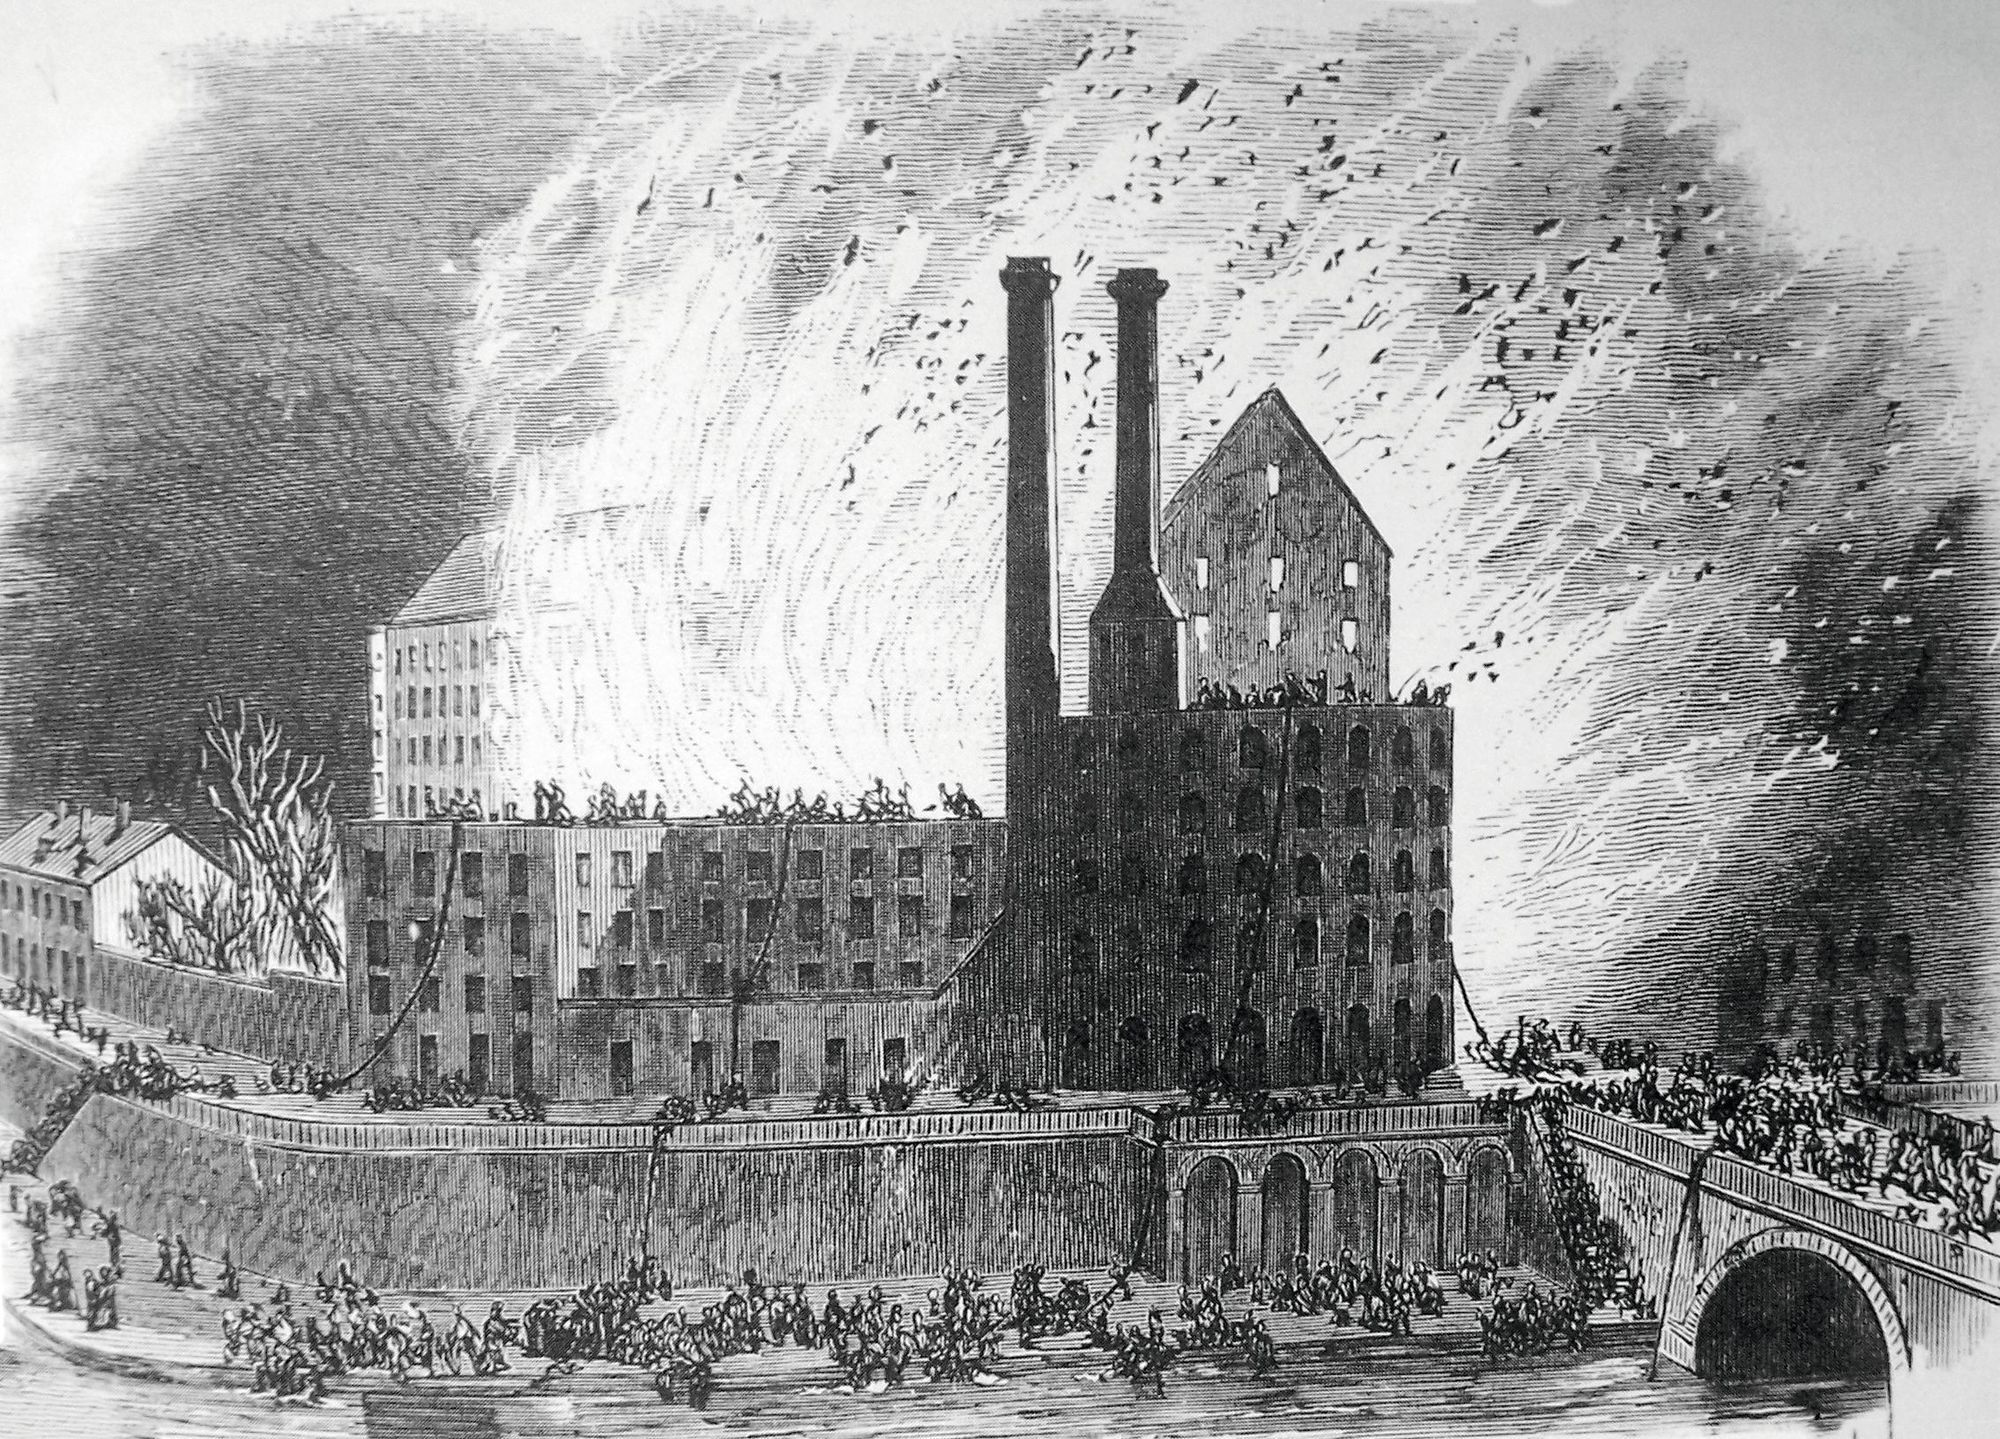 Anonyme, L'Incendie de la Motte-Bossut, 1866, gravure, médiathèque, Roubaix.